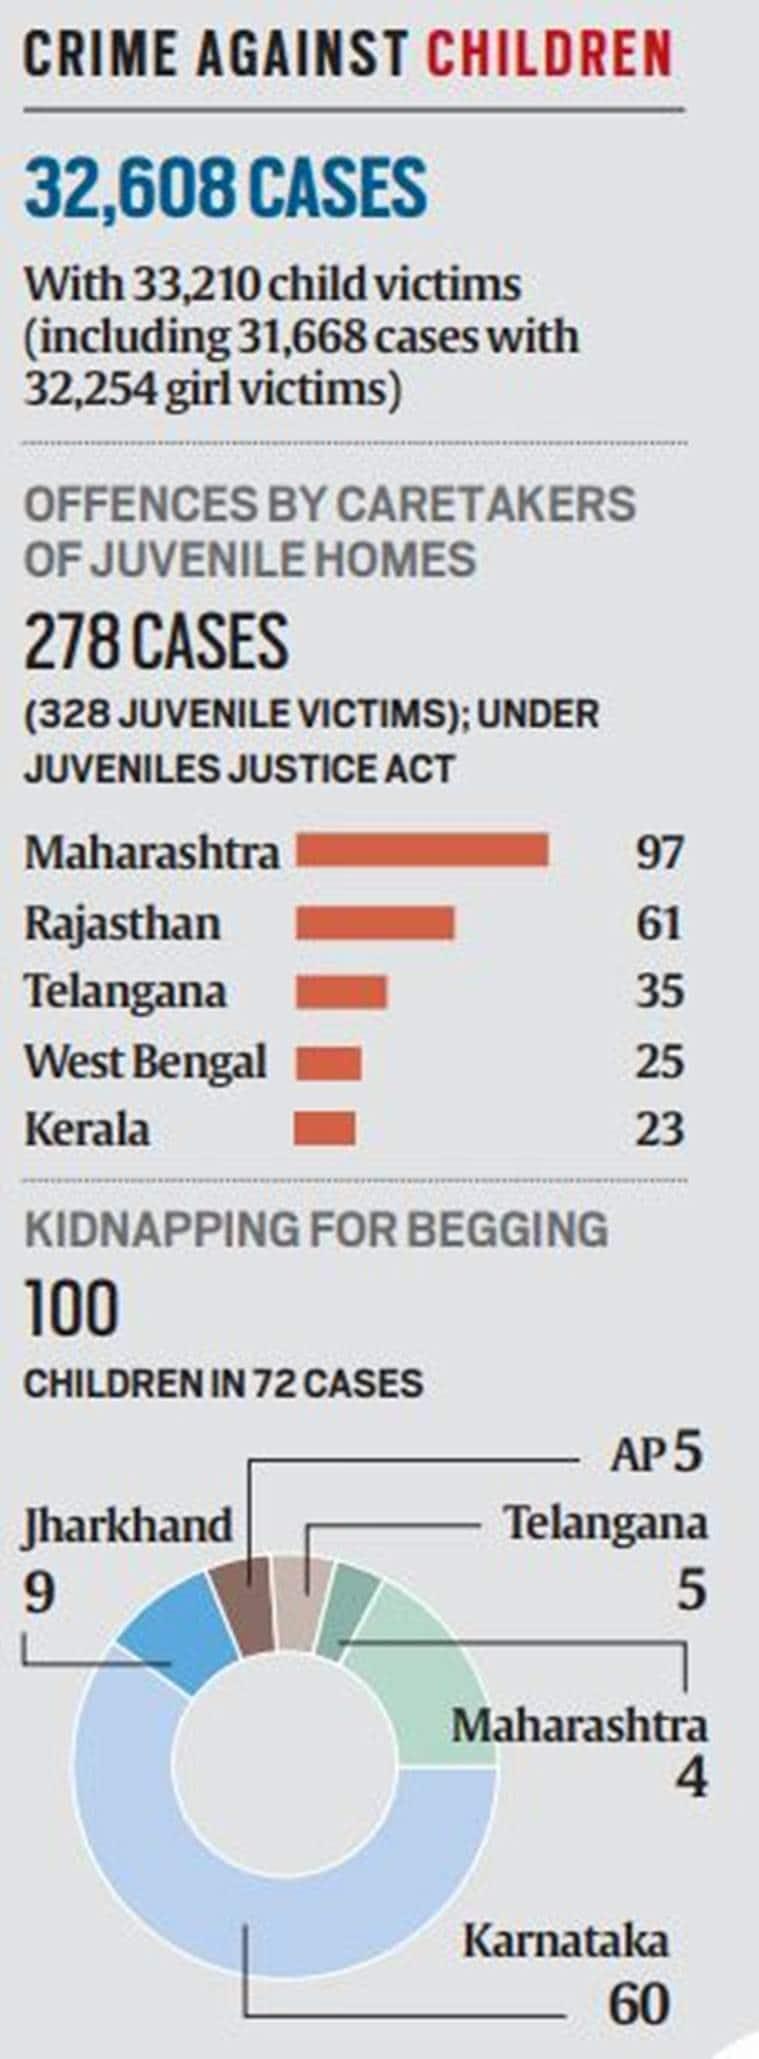 NCRB data: Crime against children